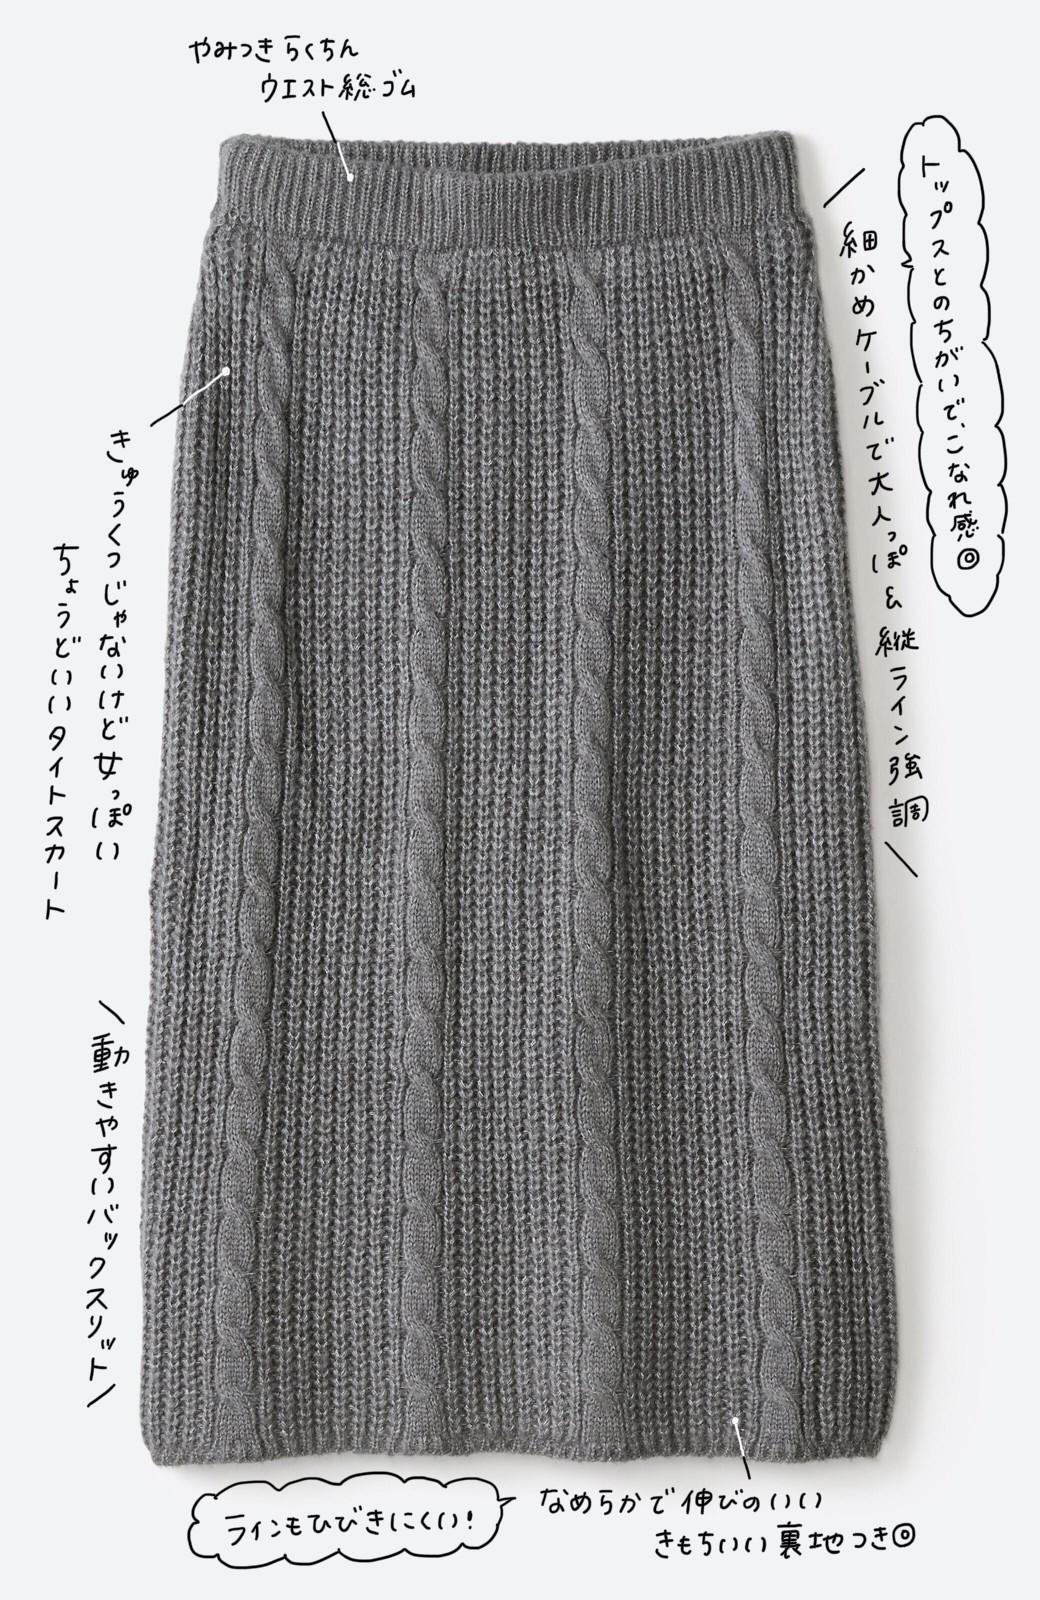 haco! しまった!寝坊した!ってときにも安心なケーブル編みがかわいいニットアップ <グレー>の商品写真4